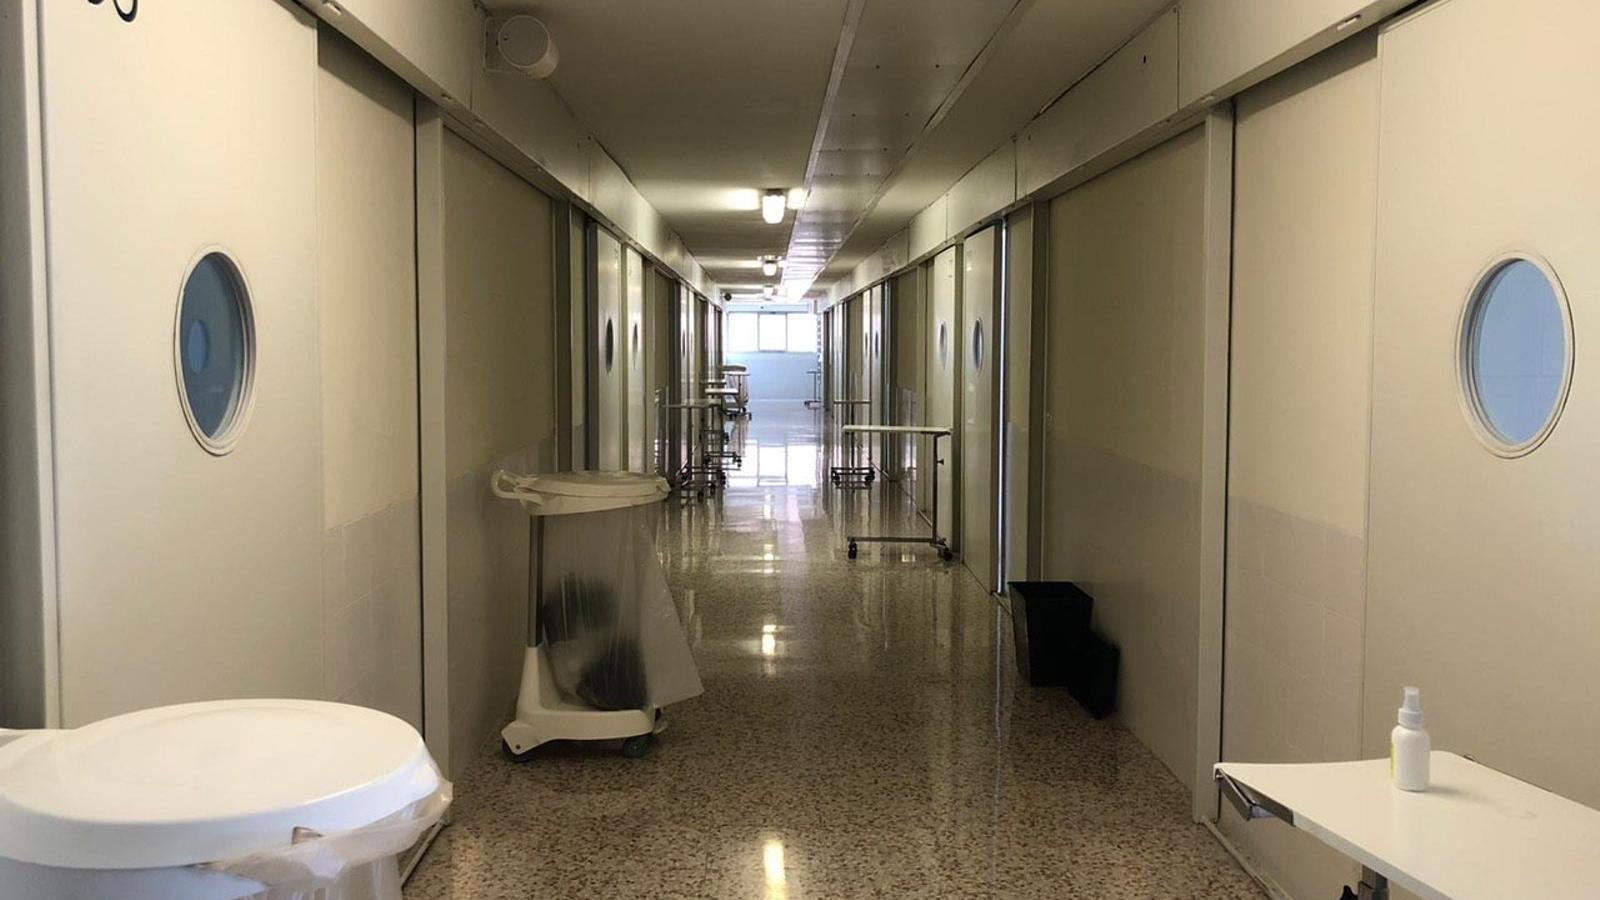 Les instal·lacions de Brians 2 recuperades per atendre presos amb covid-19 lleus